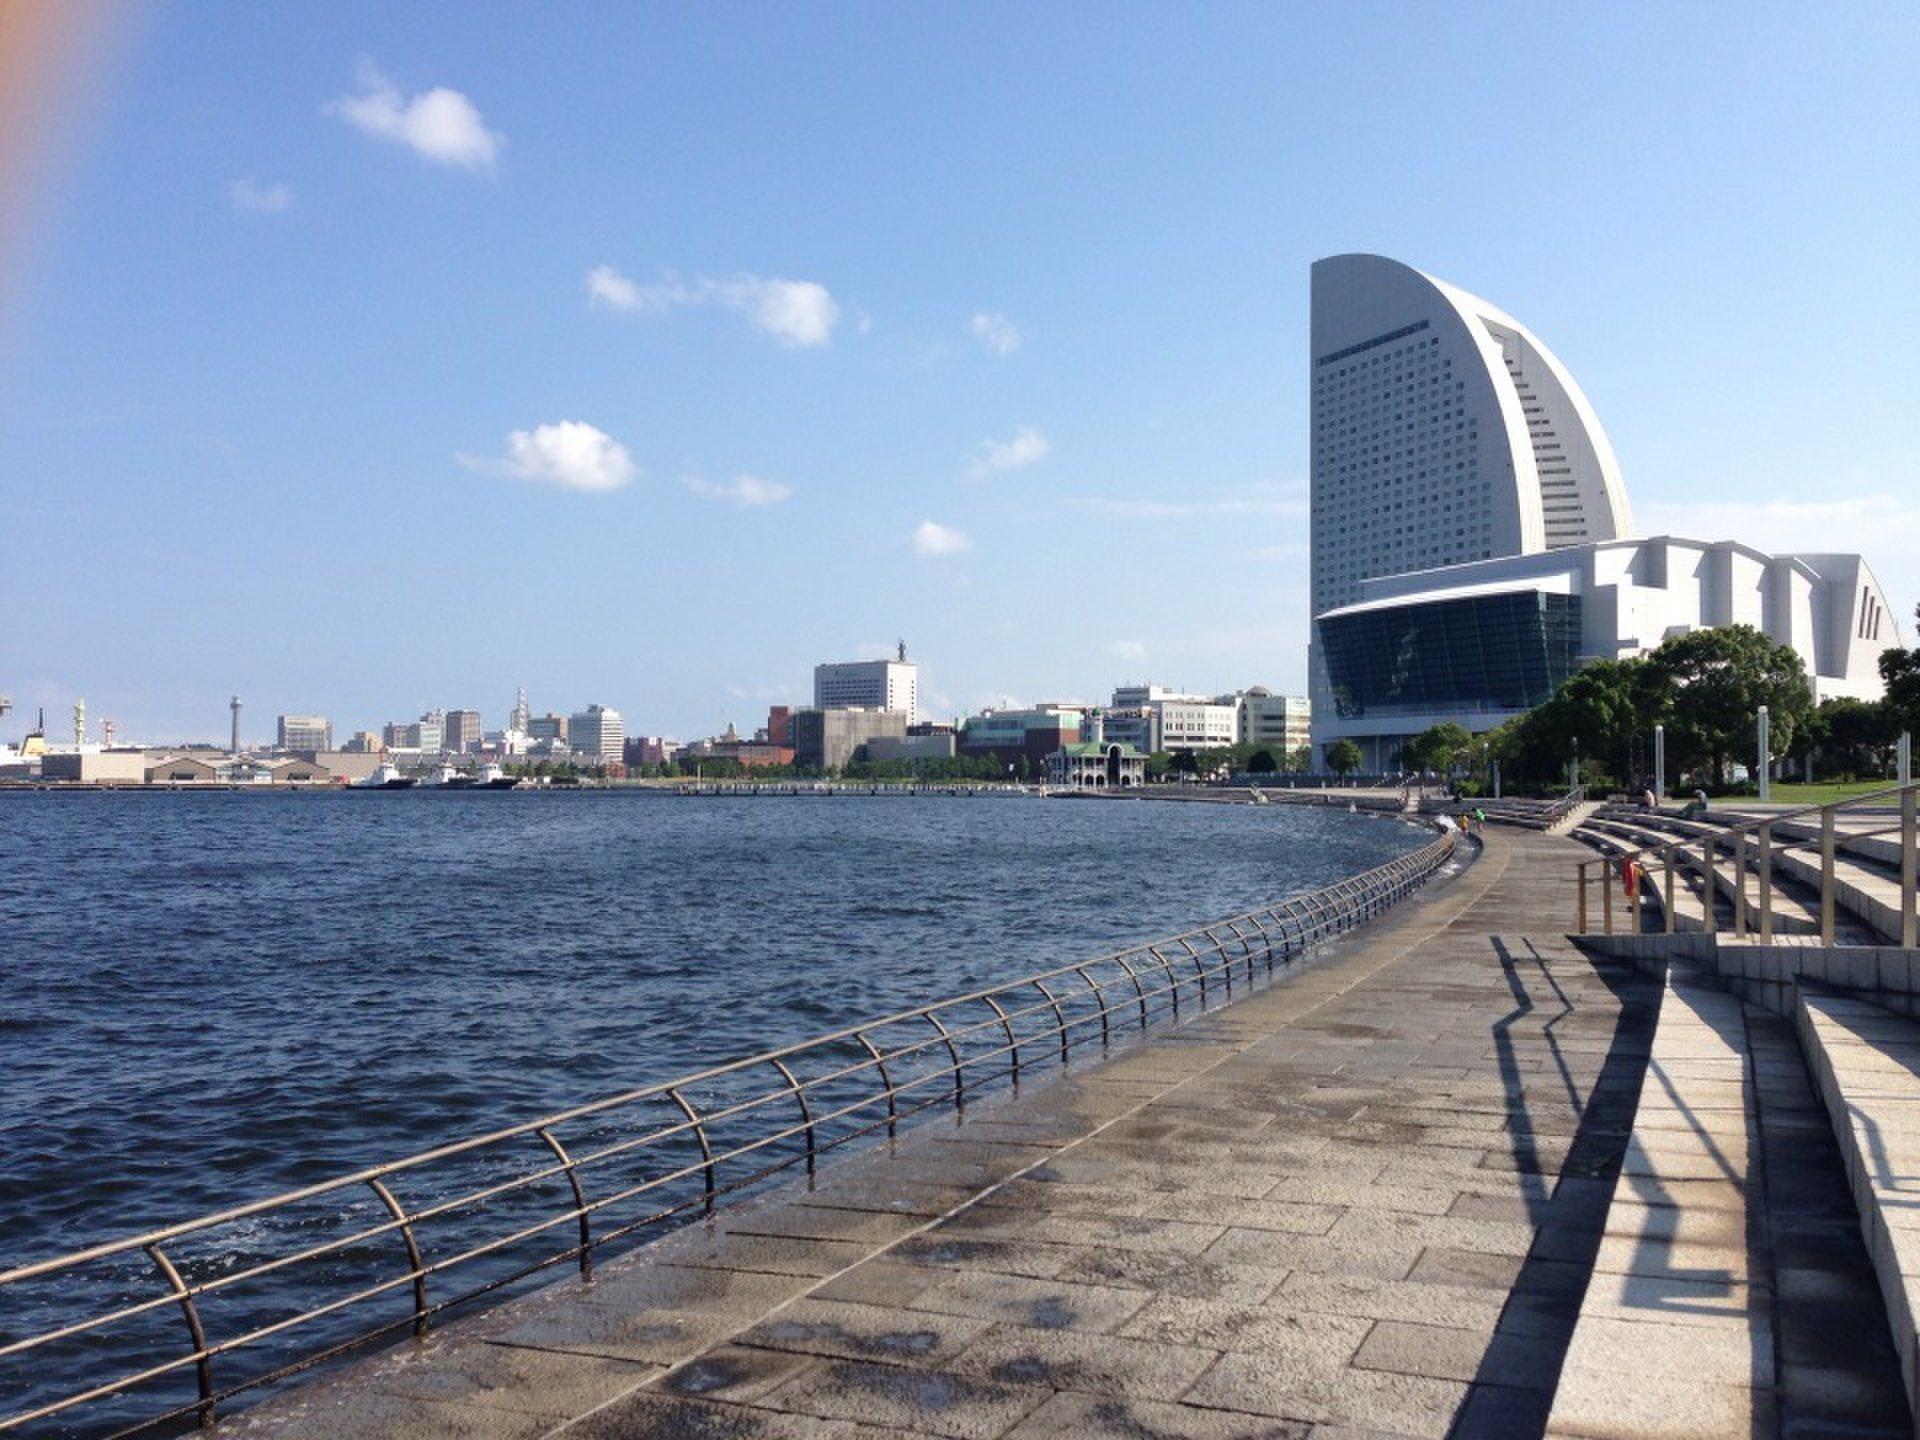 【横浜の新名所】世界最大級の鉄道模型を見てリアルな街並みを散策!おすすめランチも!